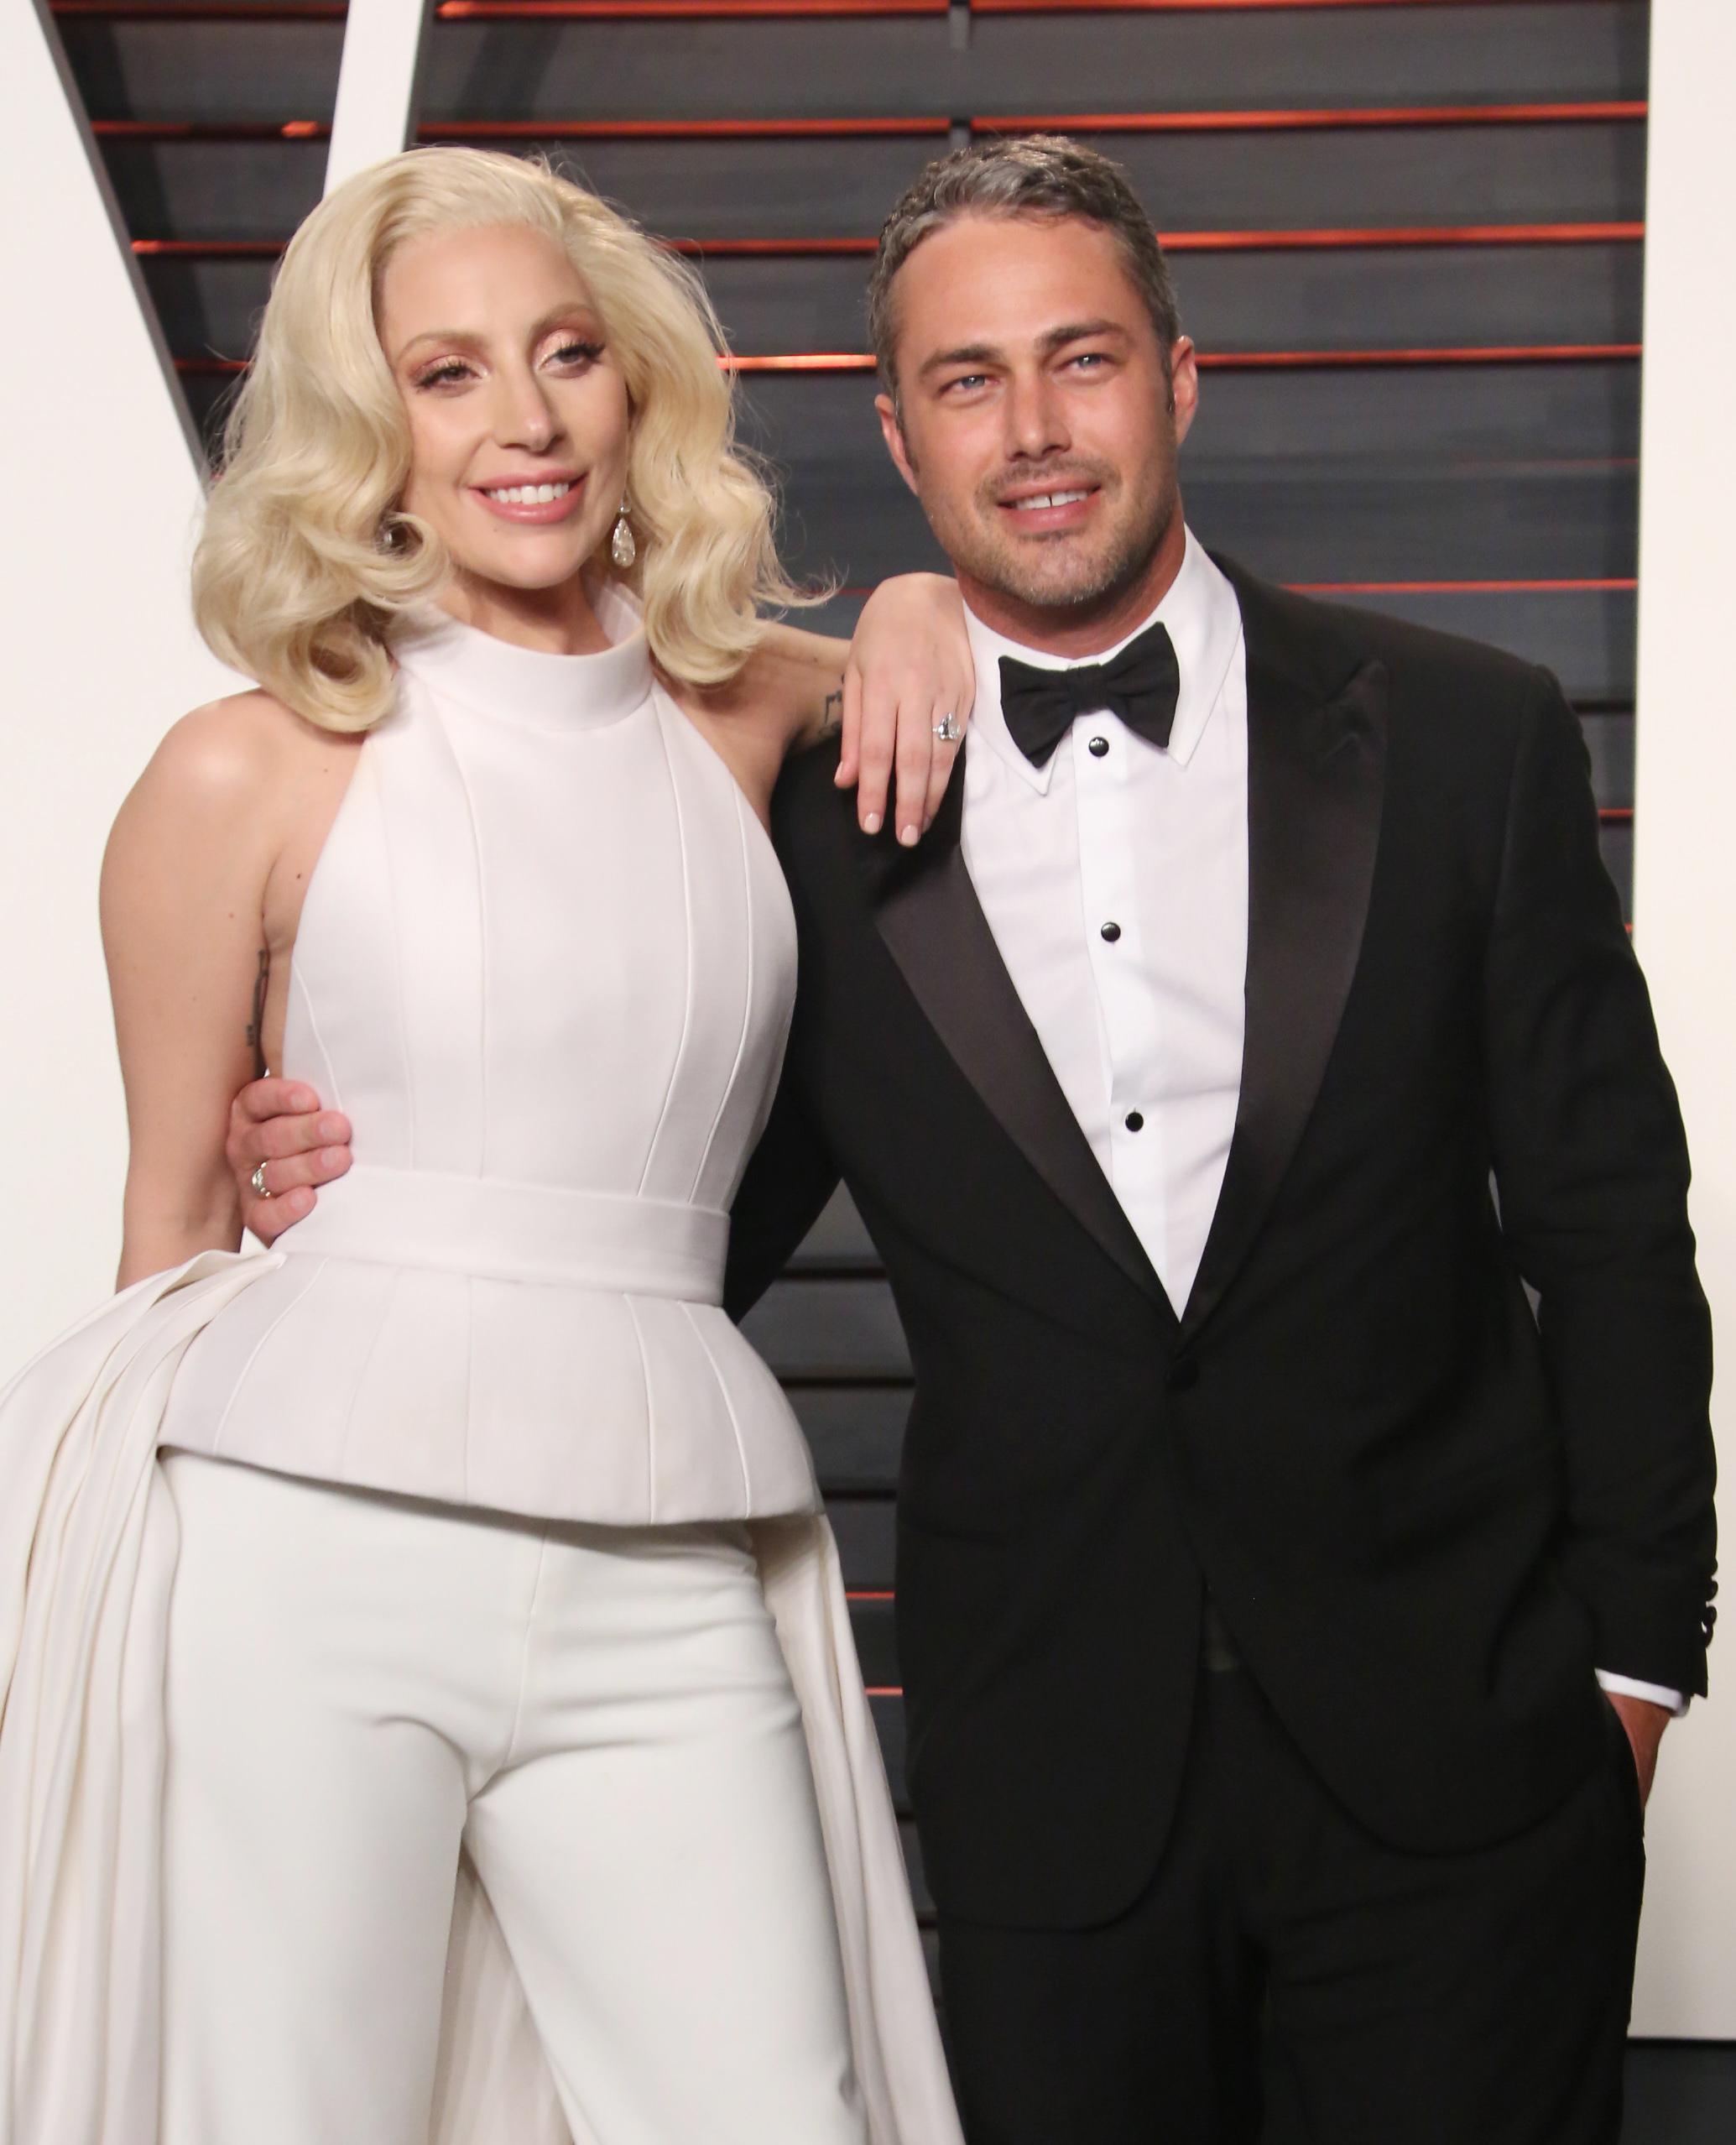 Lady Gaga, ex boyfriend Taylor Kinney